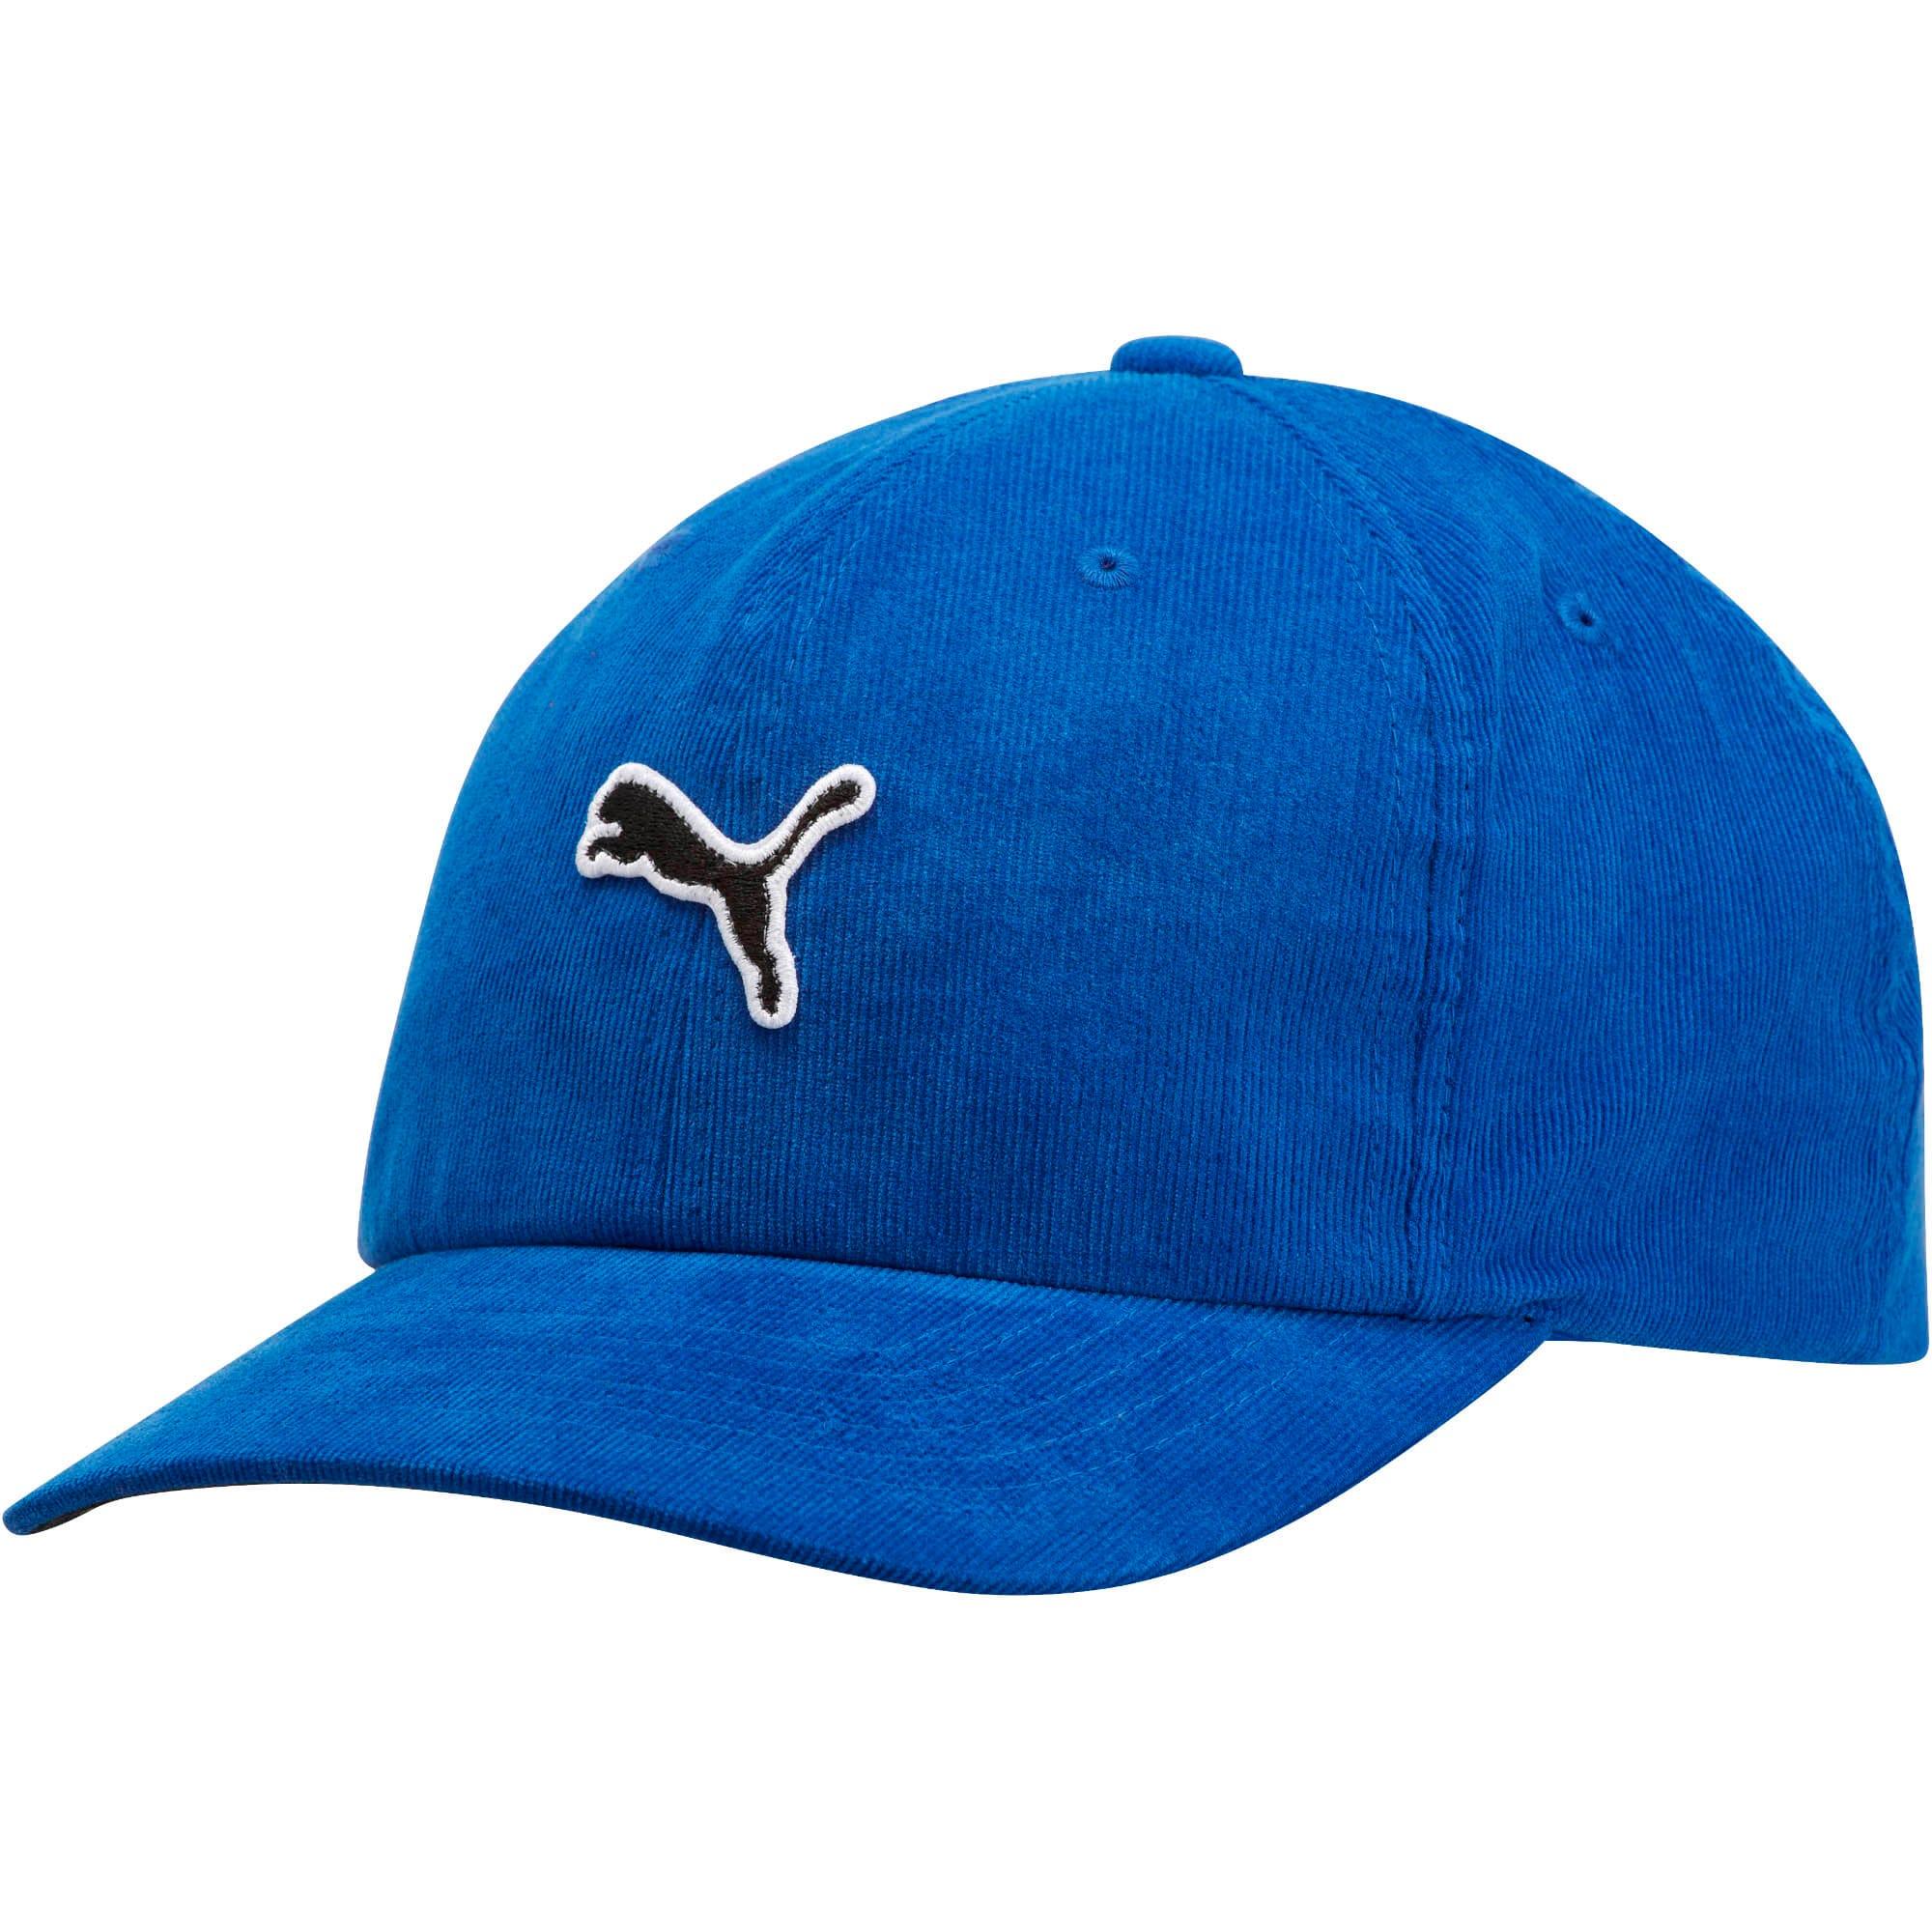 Thumbnail 1 of PUMA Corduroy Adjustable Hat, Dark Blue, medium